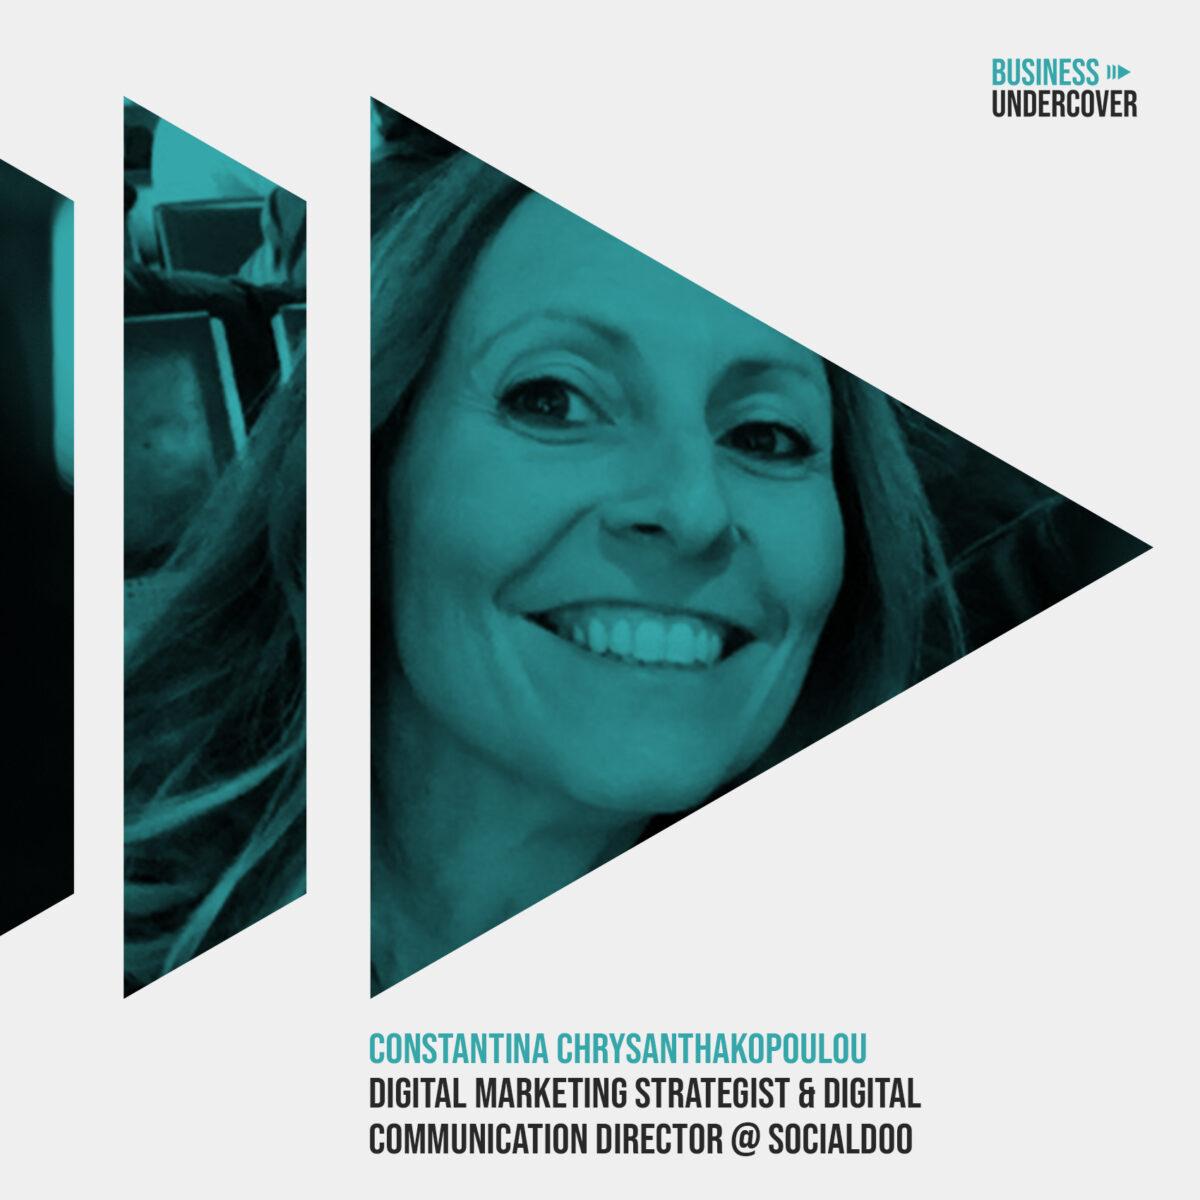 Πως δημιουργώ μια online κοινότητα (community) — Κωνσταντίνα Χρυσανθακοπούλου